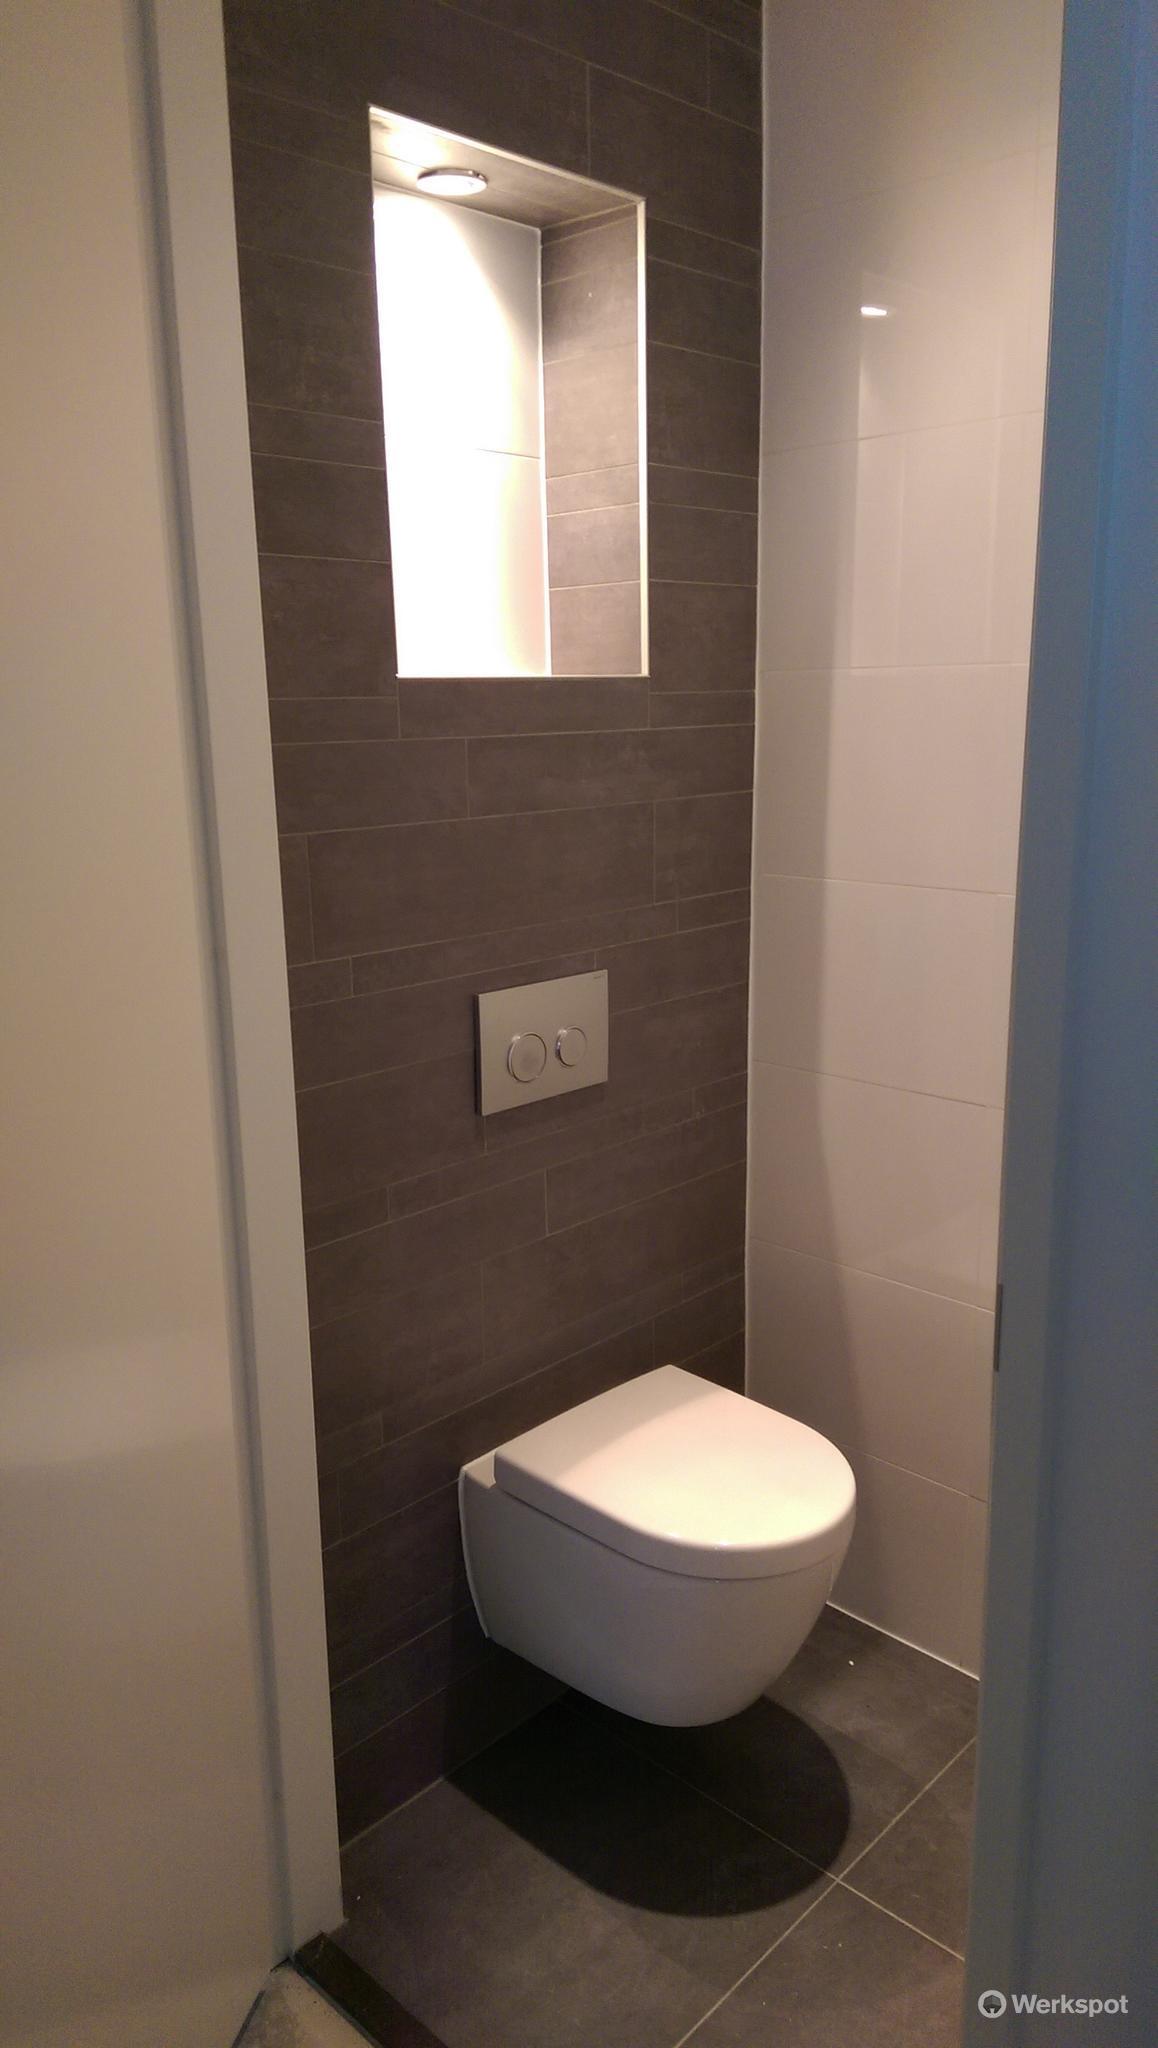 Casco badkamer: sanitair plaatsen + betegelen - Werkspot